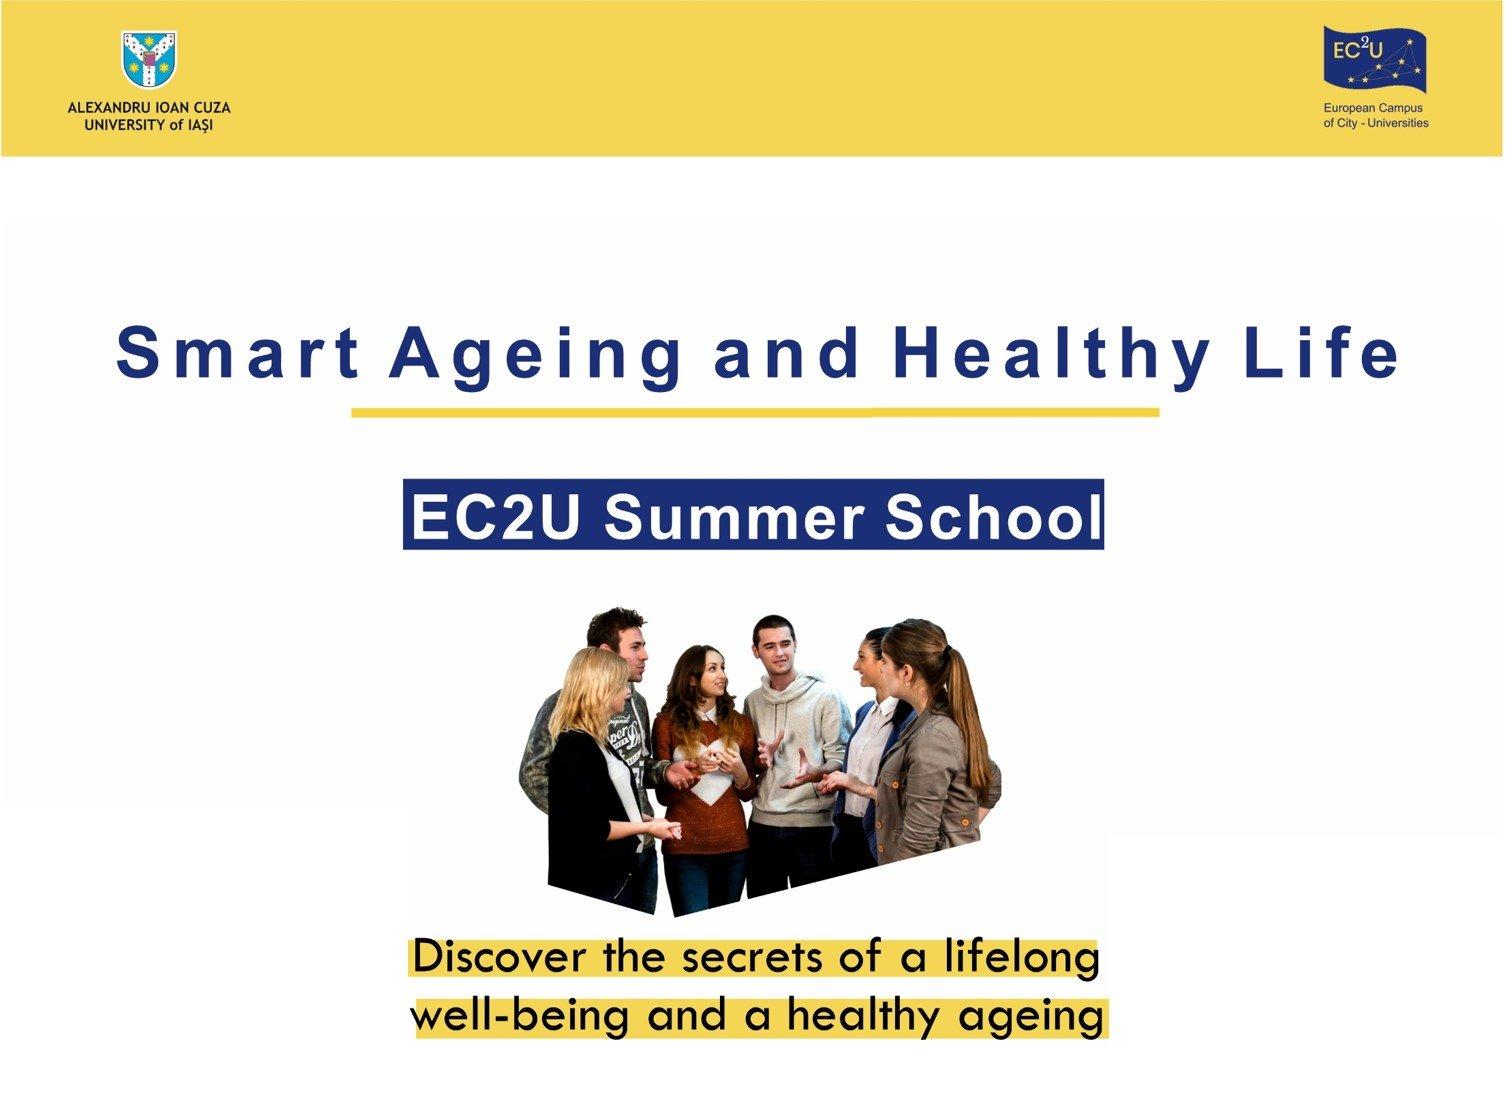 UAIC organizează prima Școală de Vară în cadrul alianței de Universități Europene EC2U